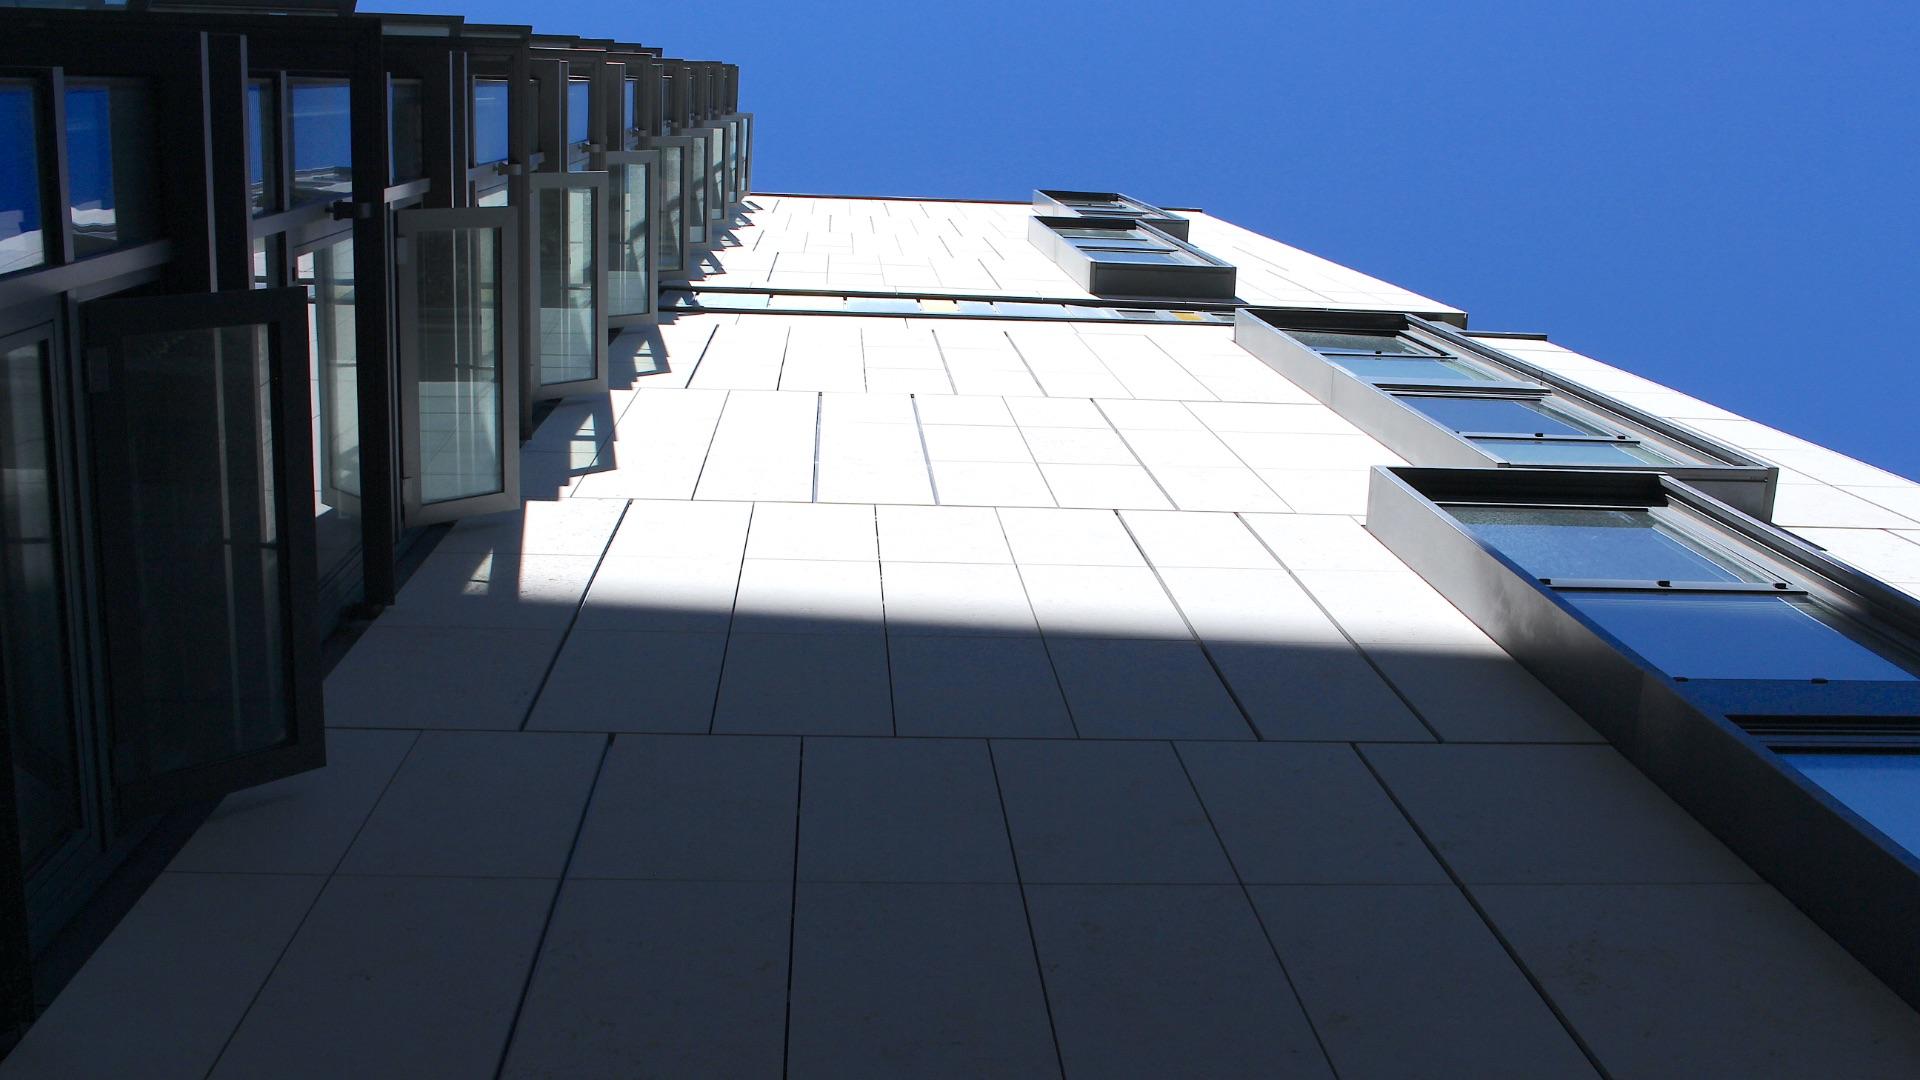 facade subcontractor